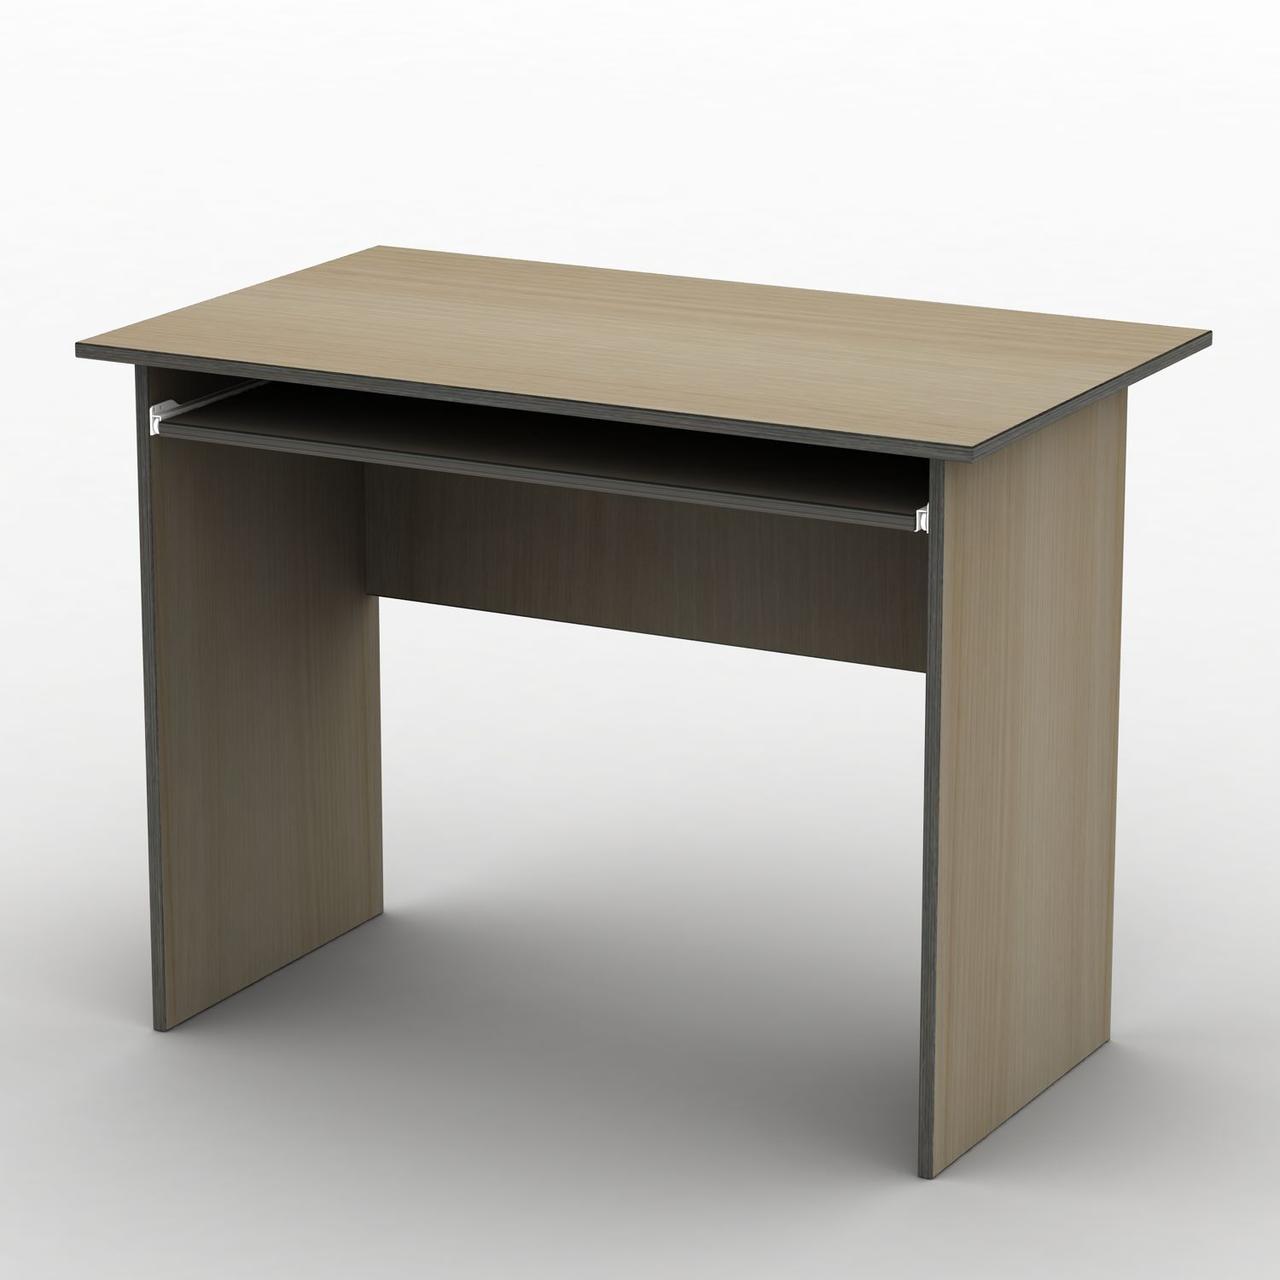 Комп'ютерний стіл Бюджет СК-1 (1000*600) Тіса меблі